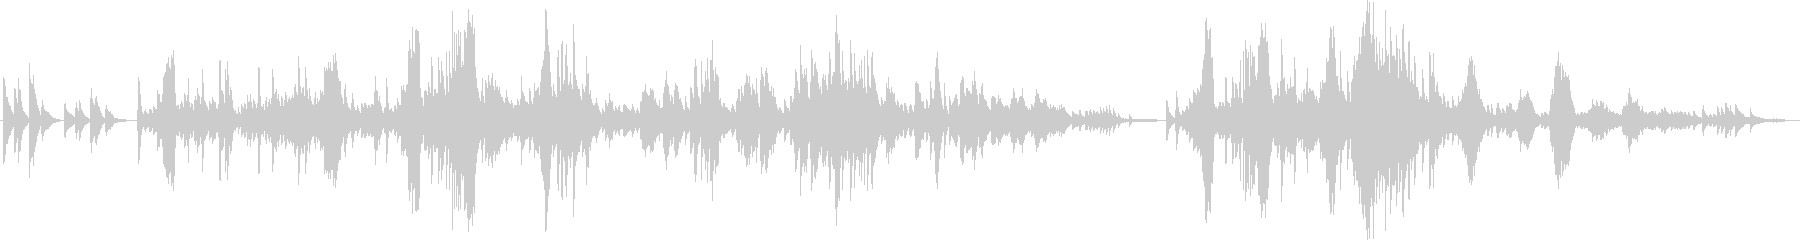 ショパン 遺作 ピアノの未再生の波形